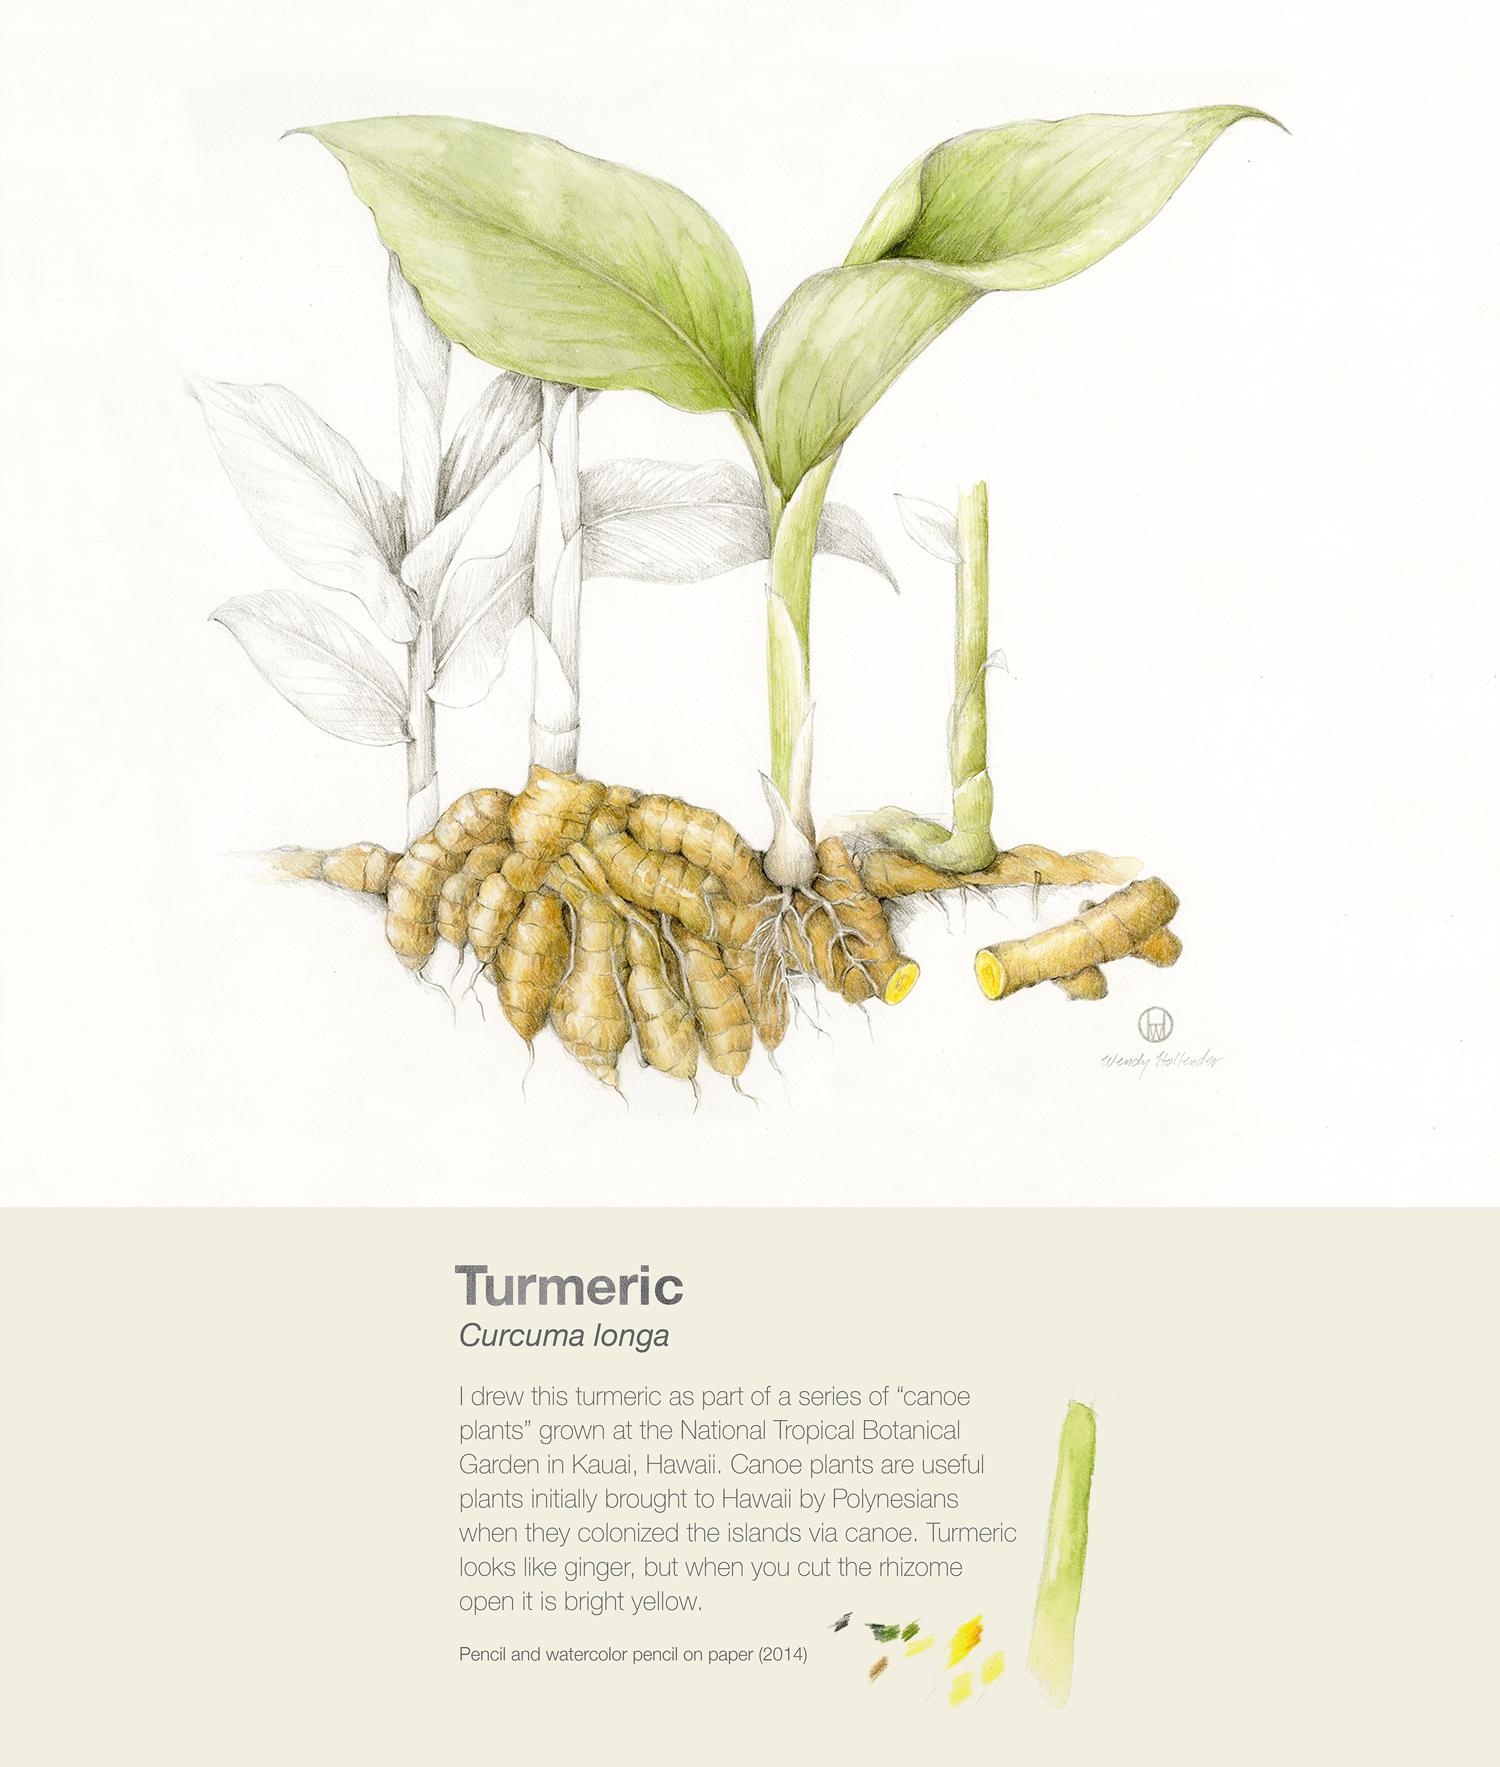 Turmeric - Curcuma longa